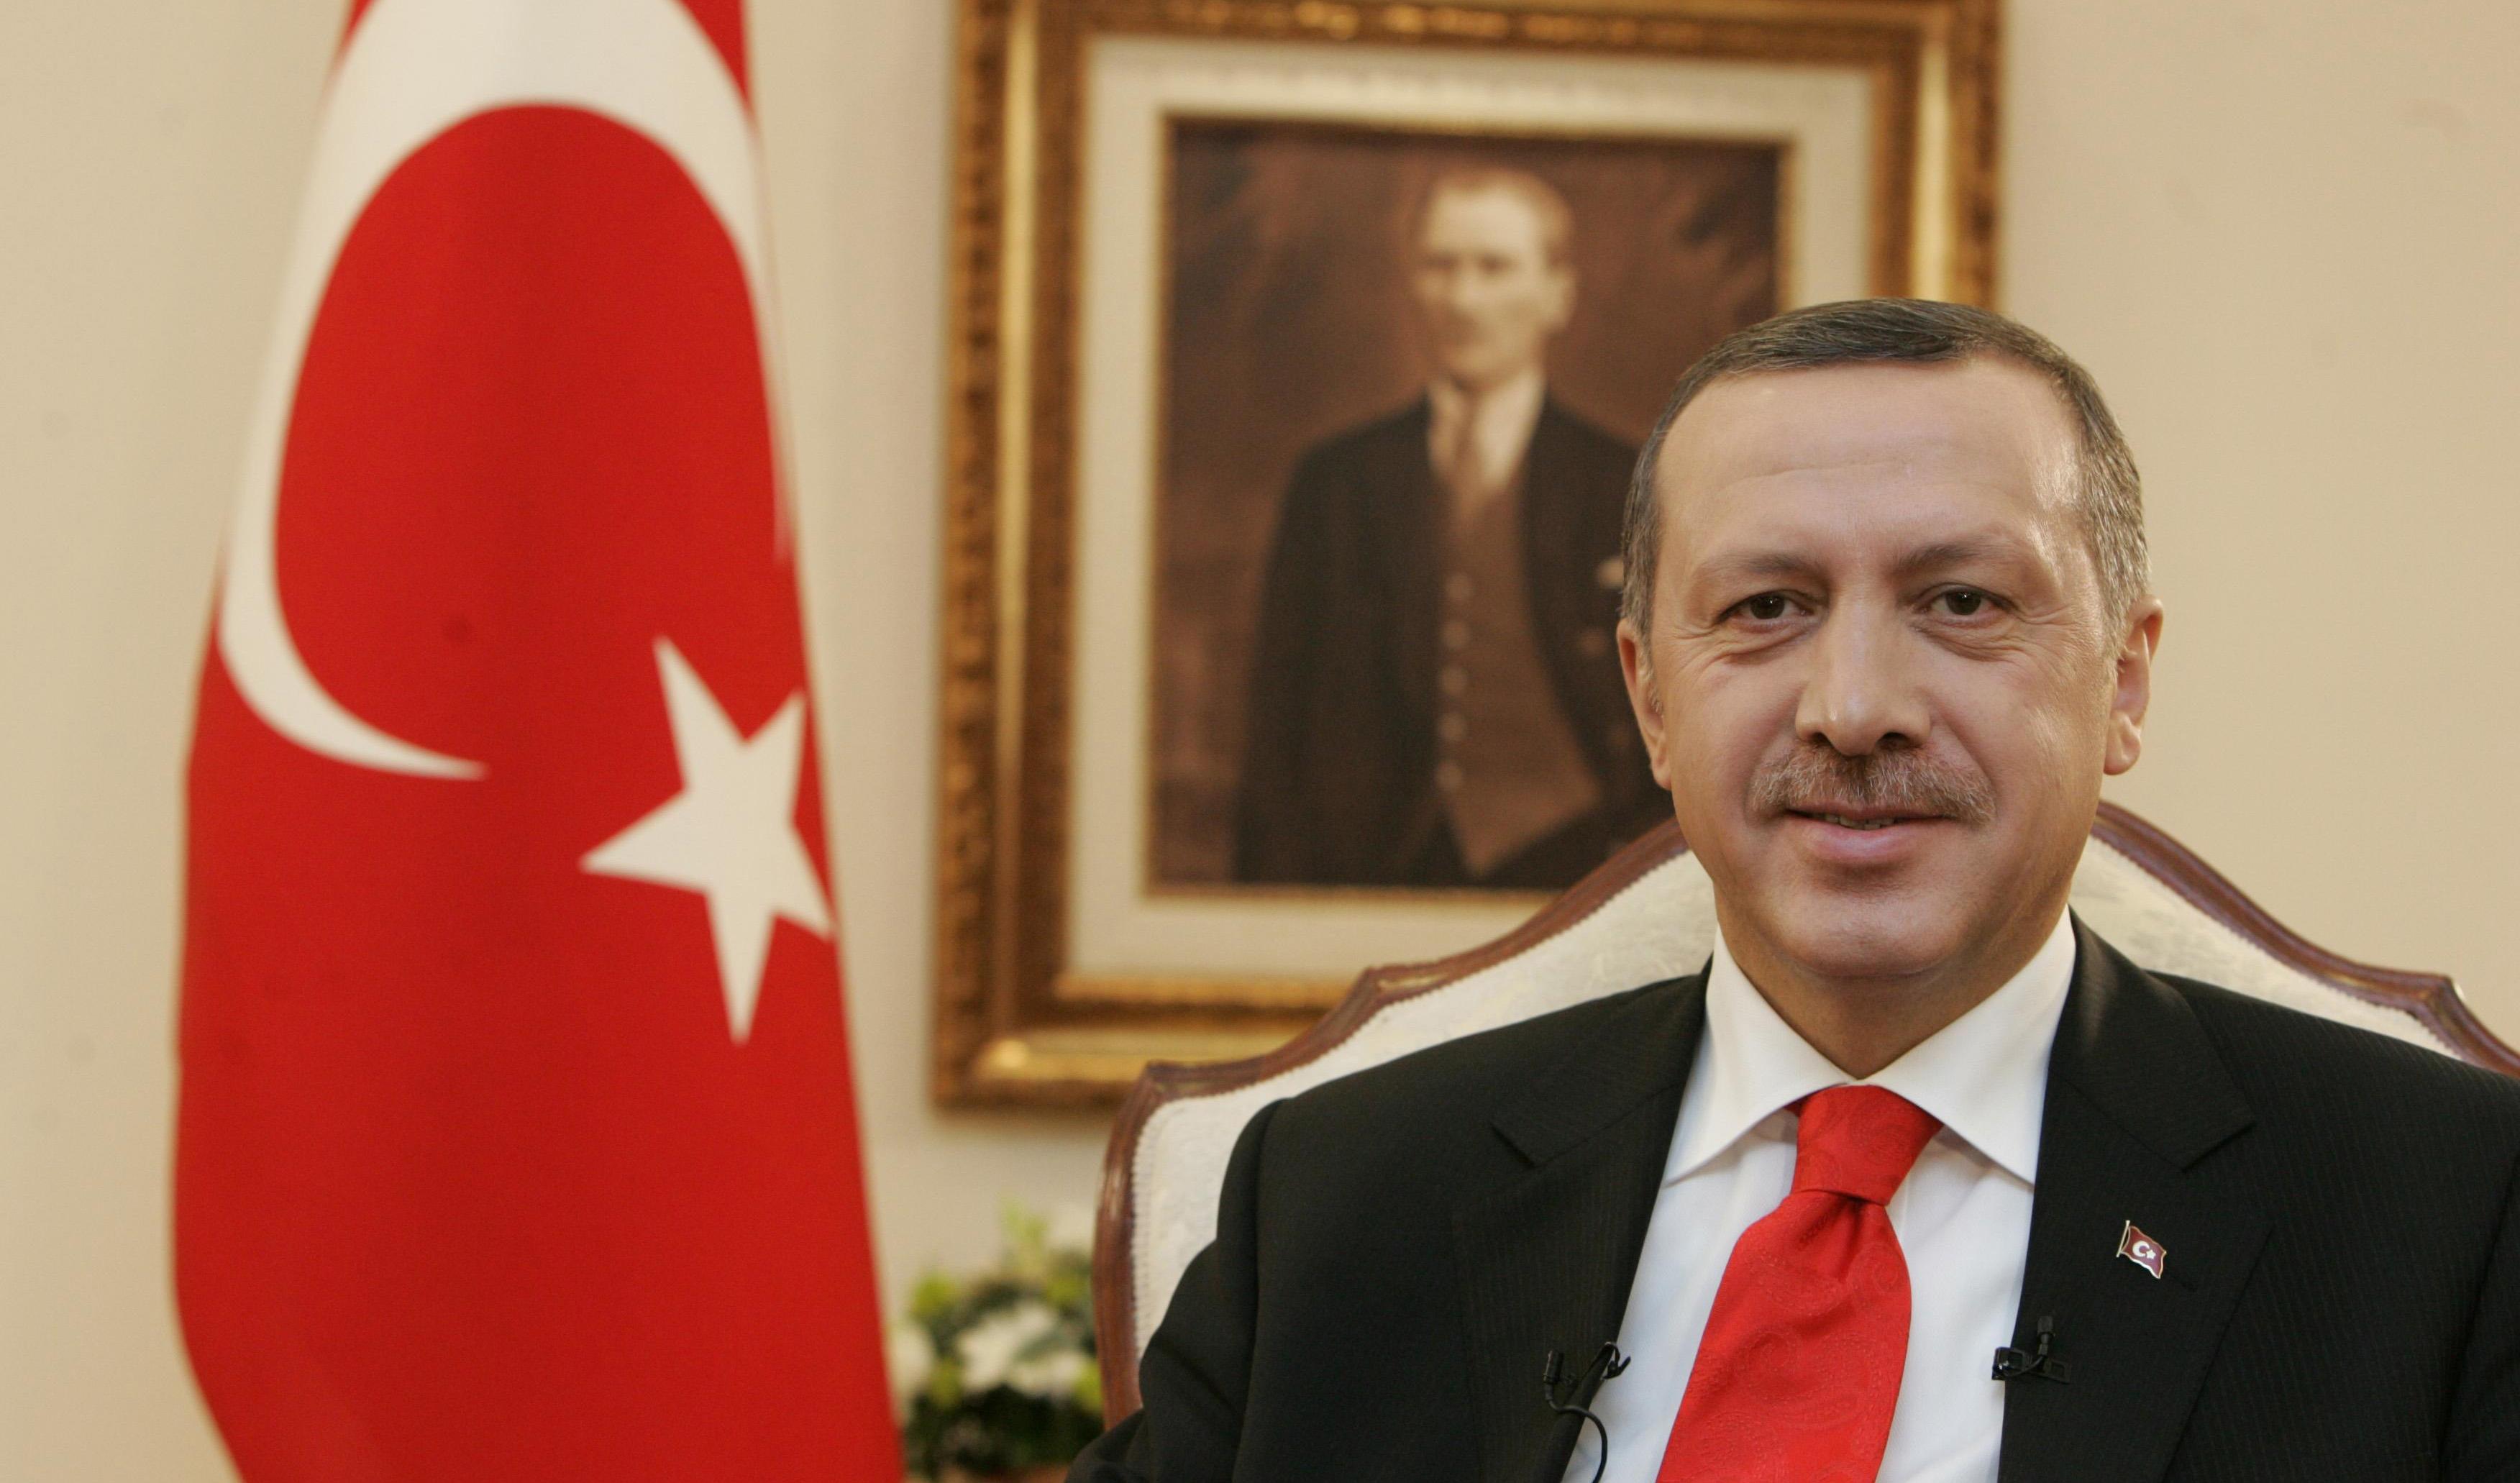 اردوغان: اقتصاد اسلامی راه برون رفت اقتصاد جهانی از بحران